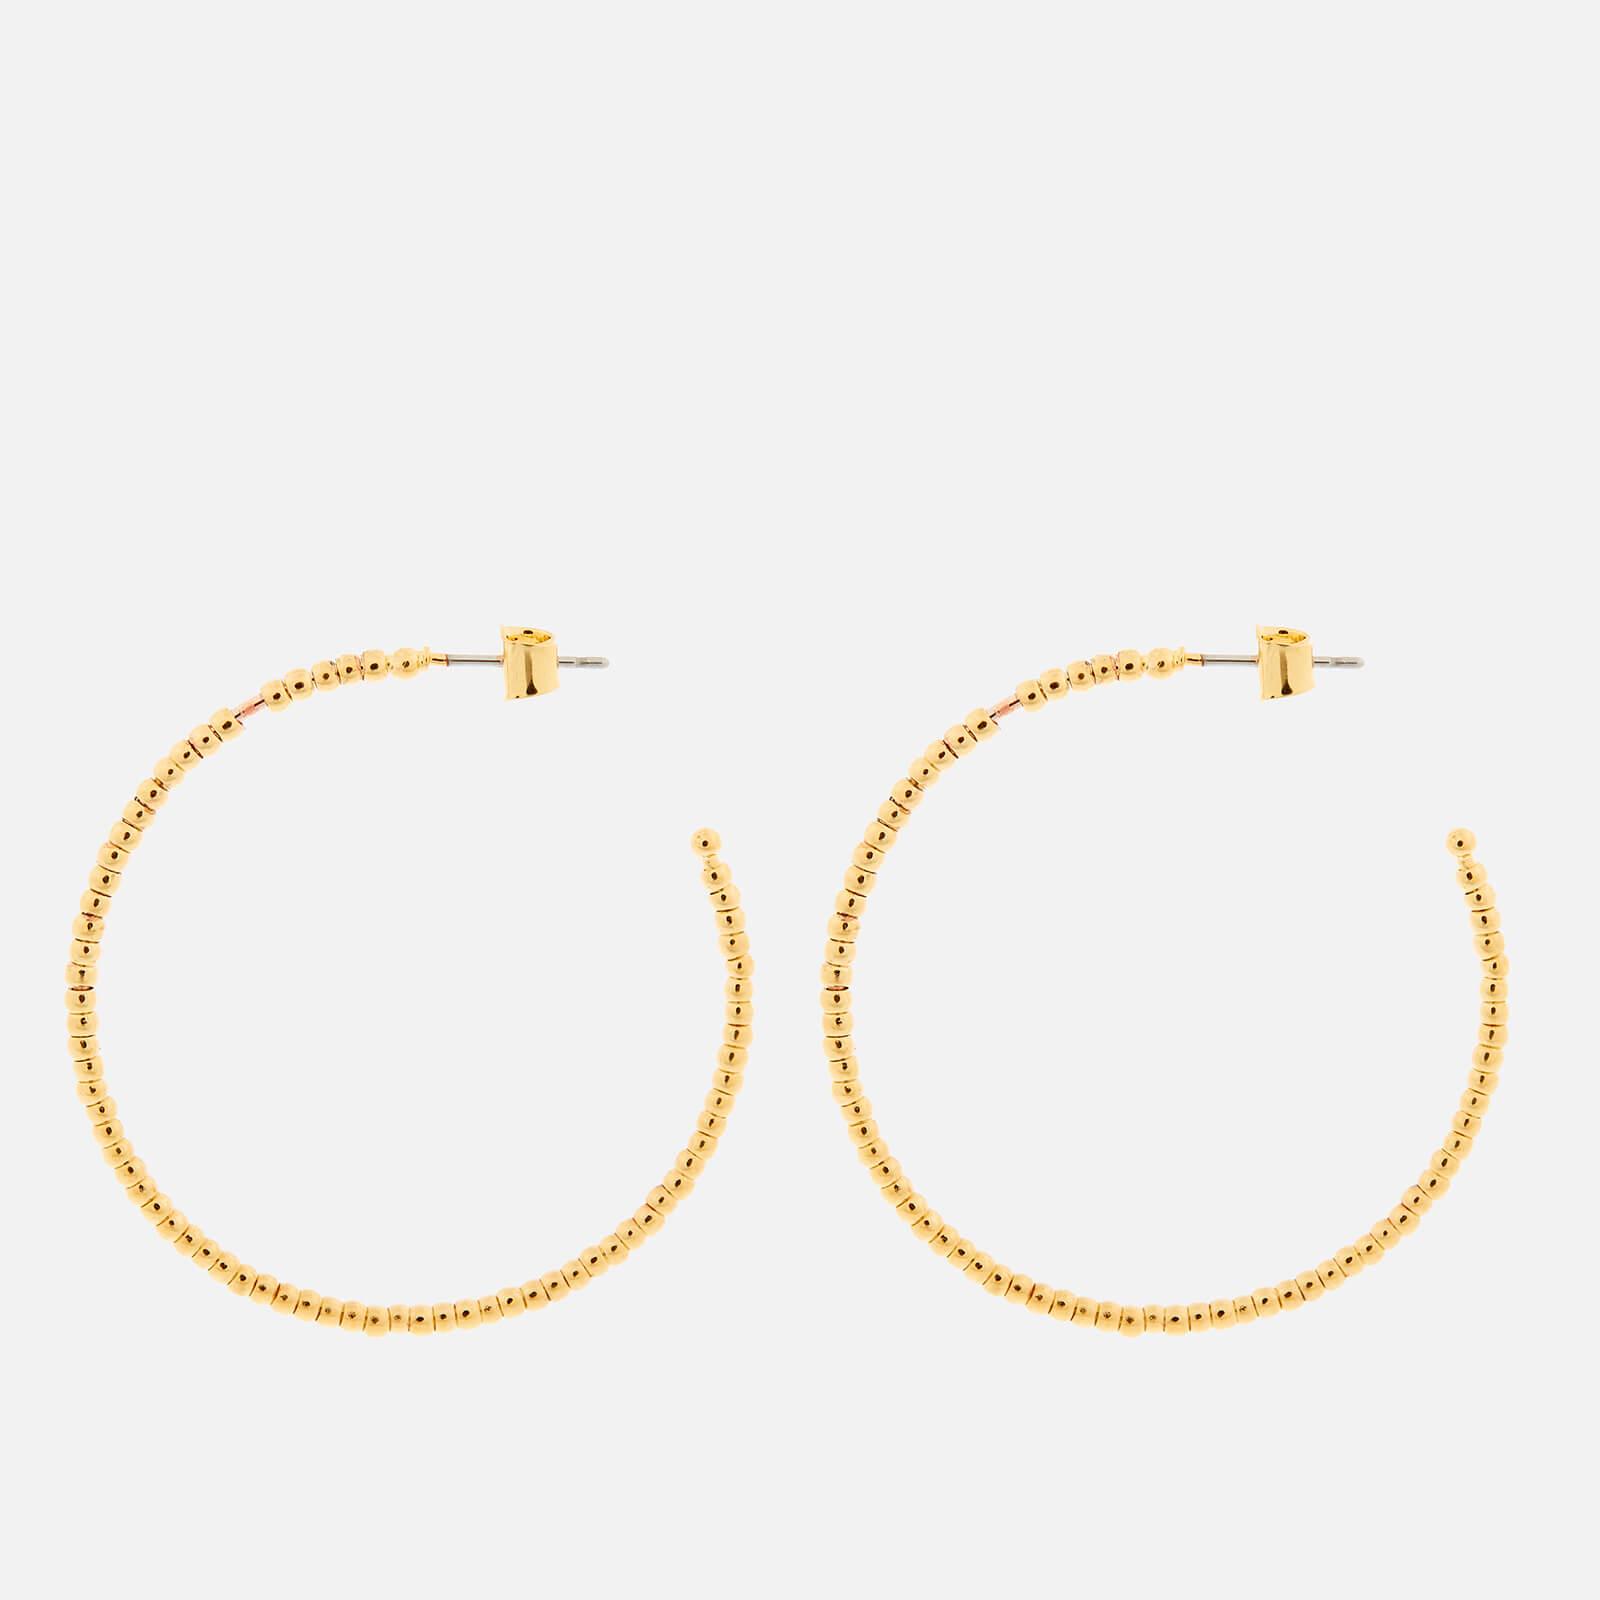 Whistles Women's Seed Bead Large Hoop Earrings - Gold